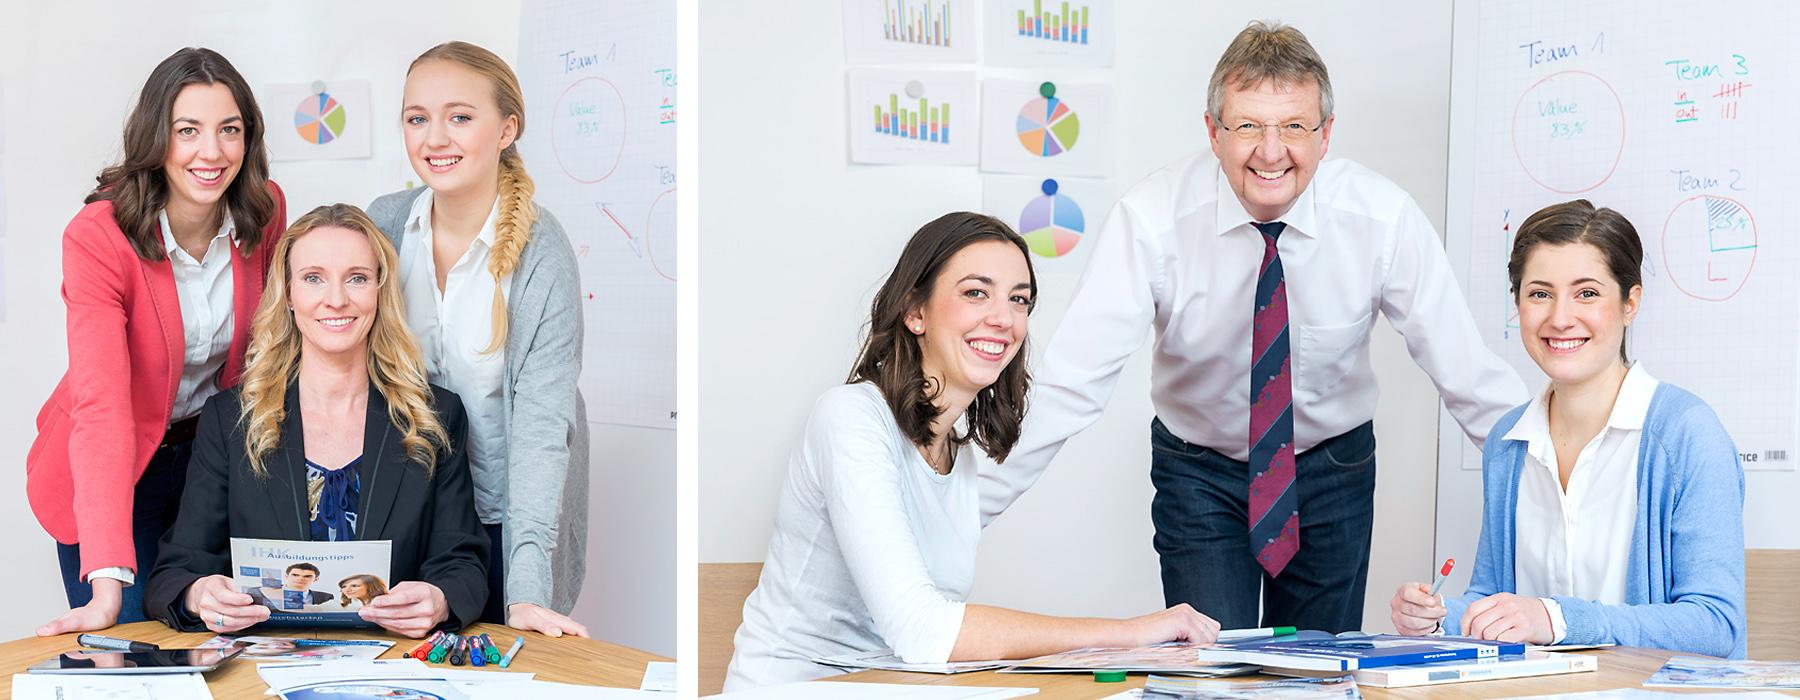 Businessfotograf in Köln, Business-Fotos, Mitarbeiter, Unternehmensfotos,